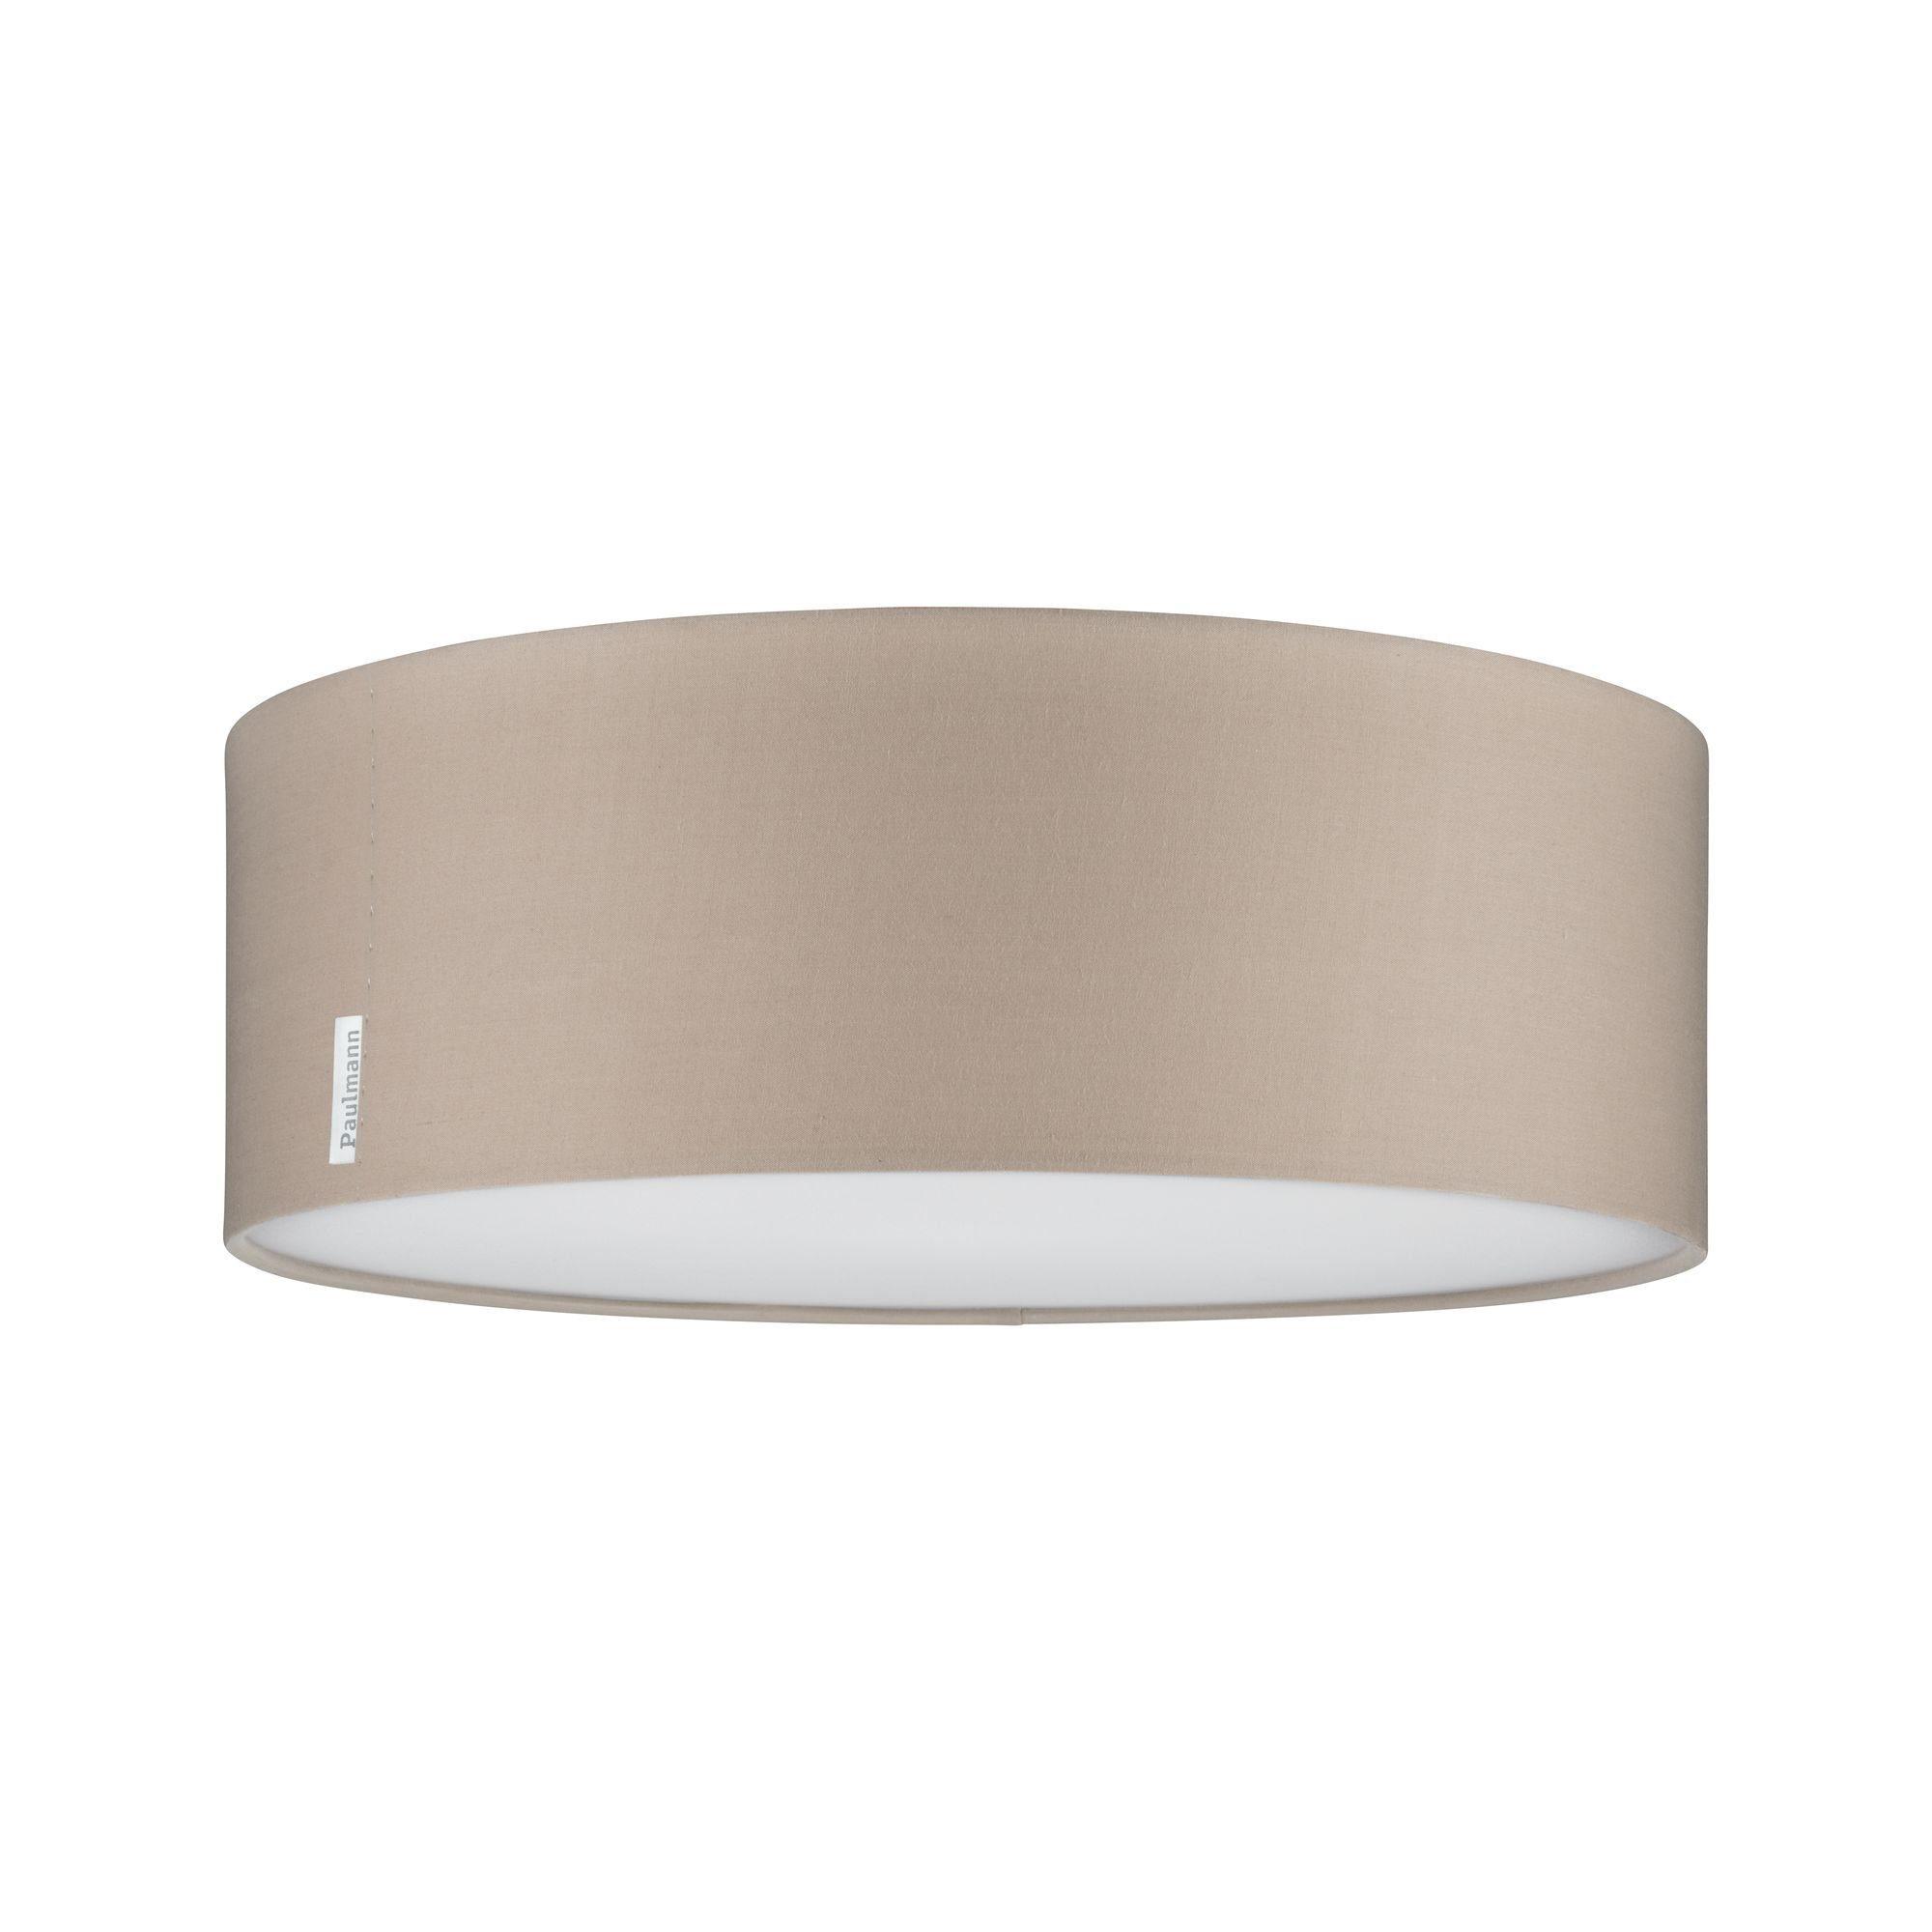 Paulmann,LED Deckenleuchte Mari Beige mit Stoffschirm Durchmesser 38 cm max. 2x20W E27